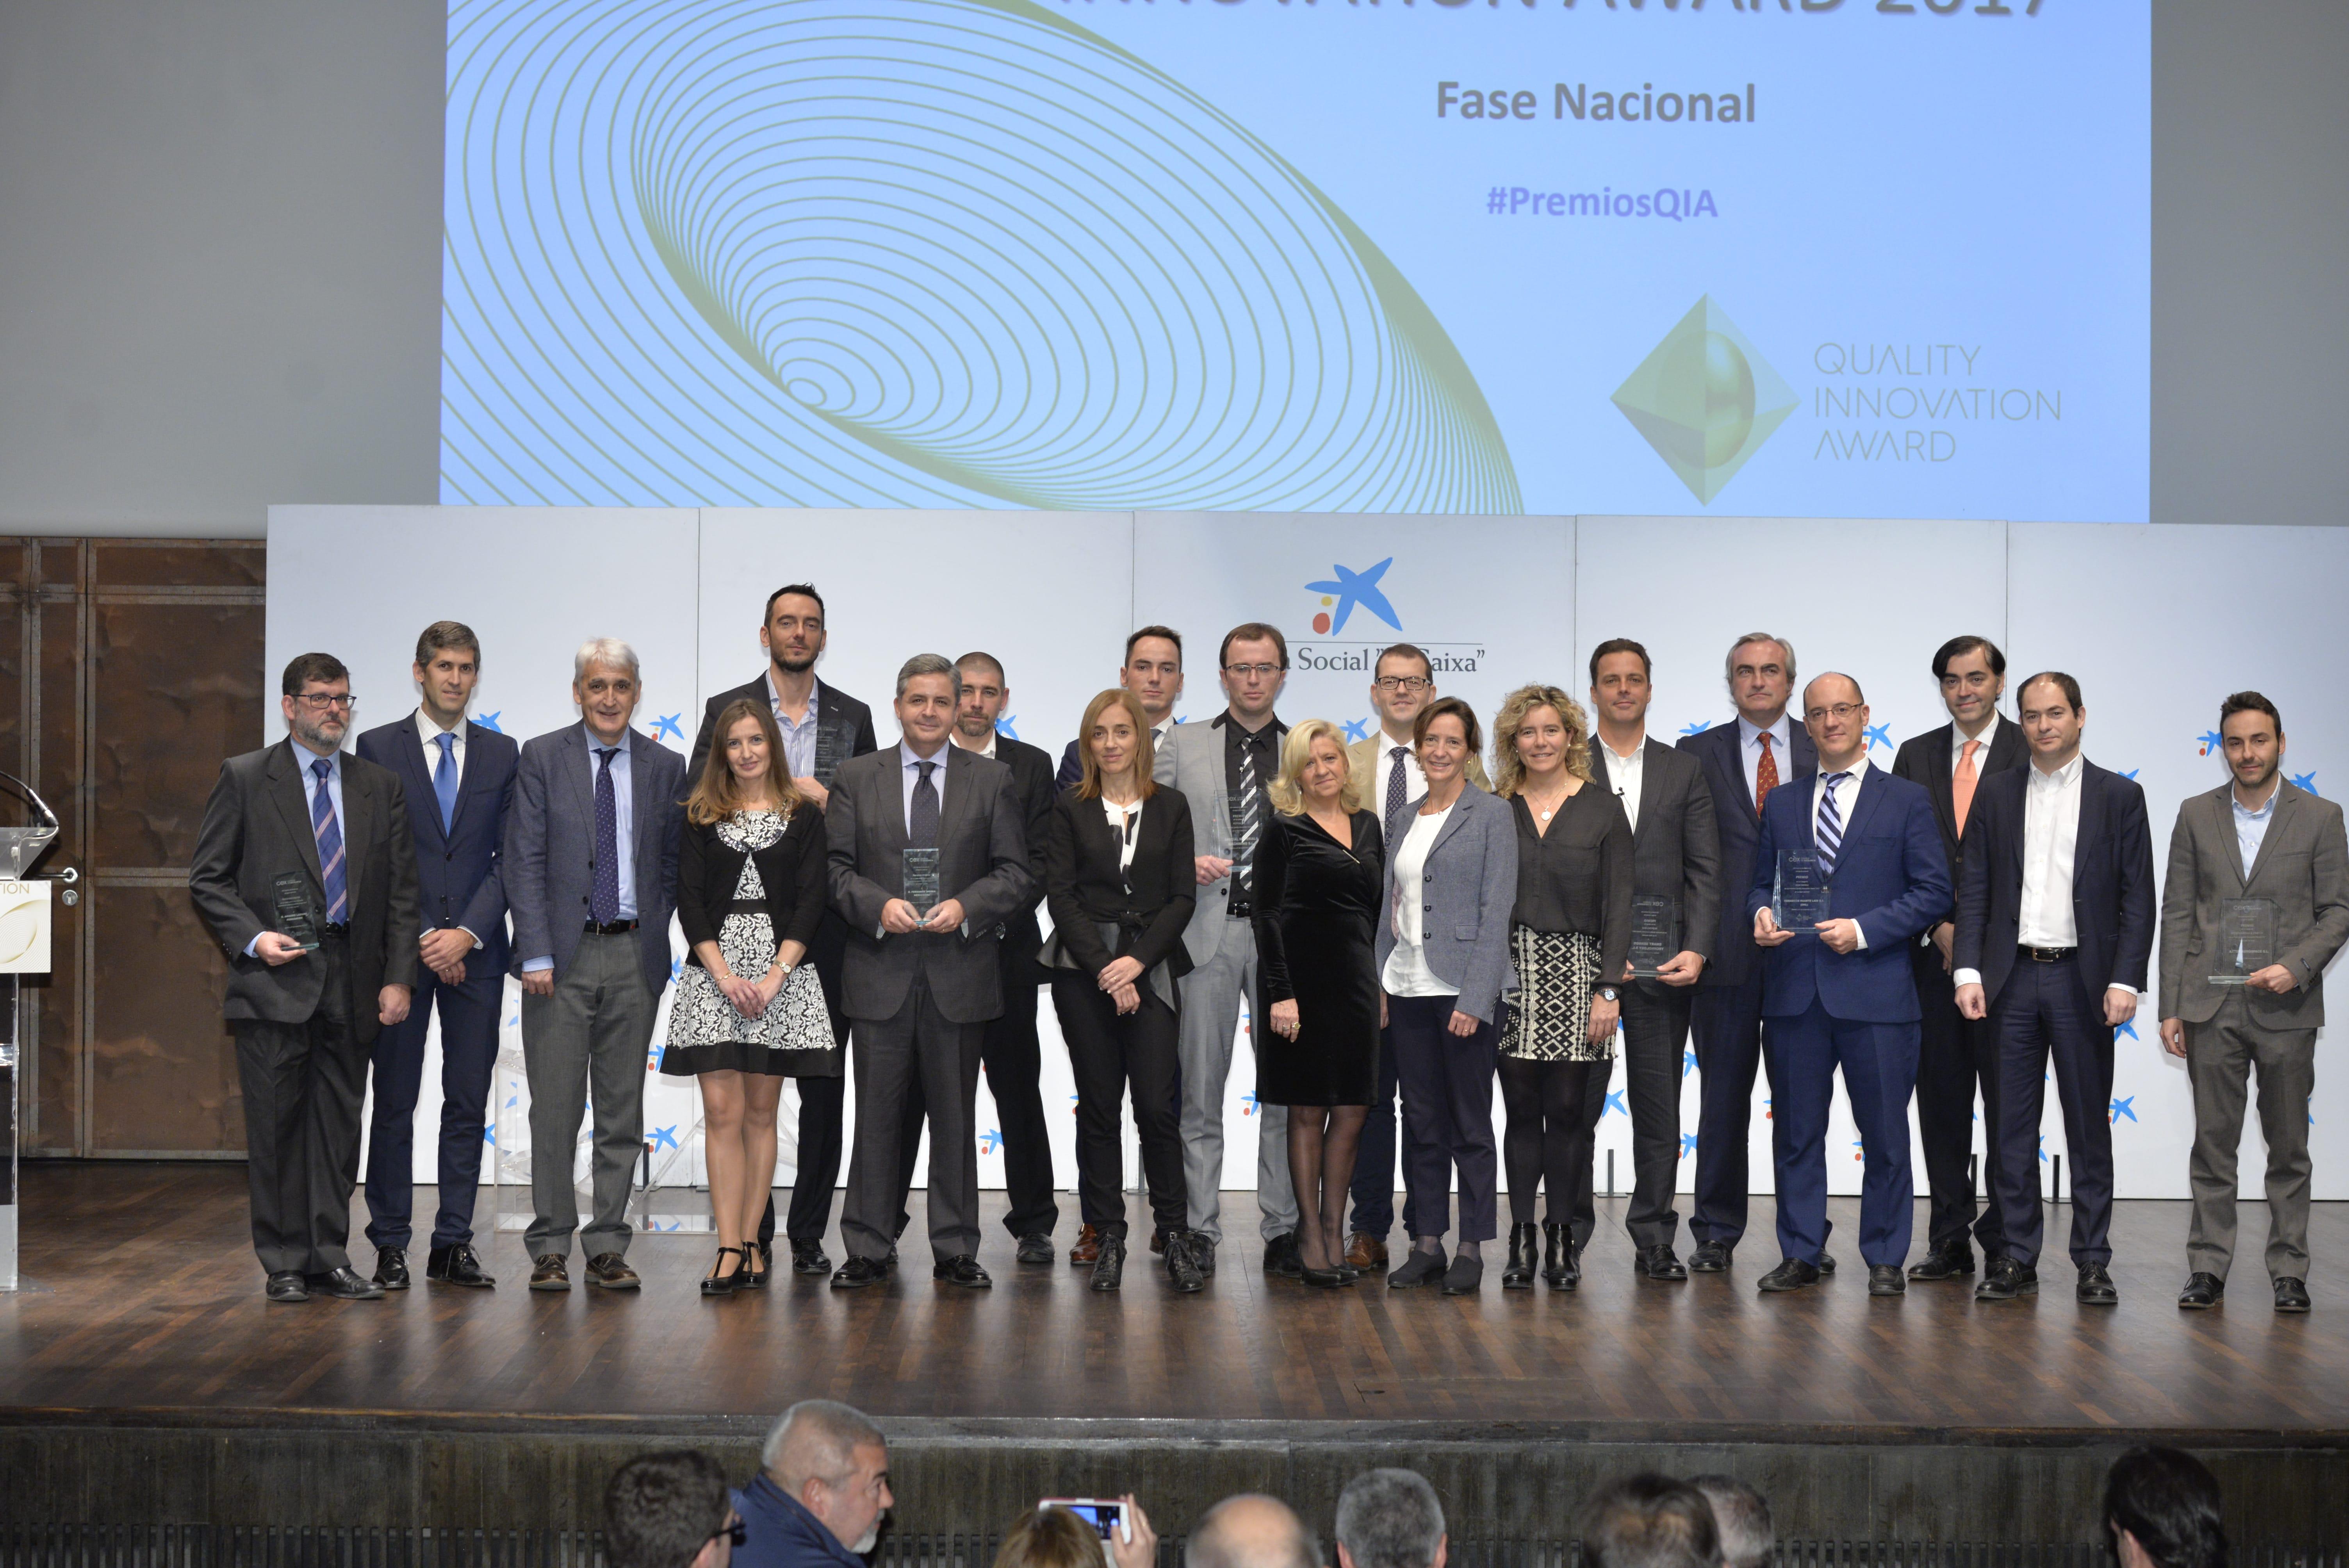 27/11/2017. Entrega Premios QIA. Seis empresas españolas competirán en los premios internacionales Quality Innovation Award, QIA